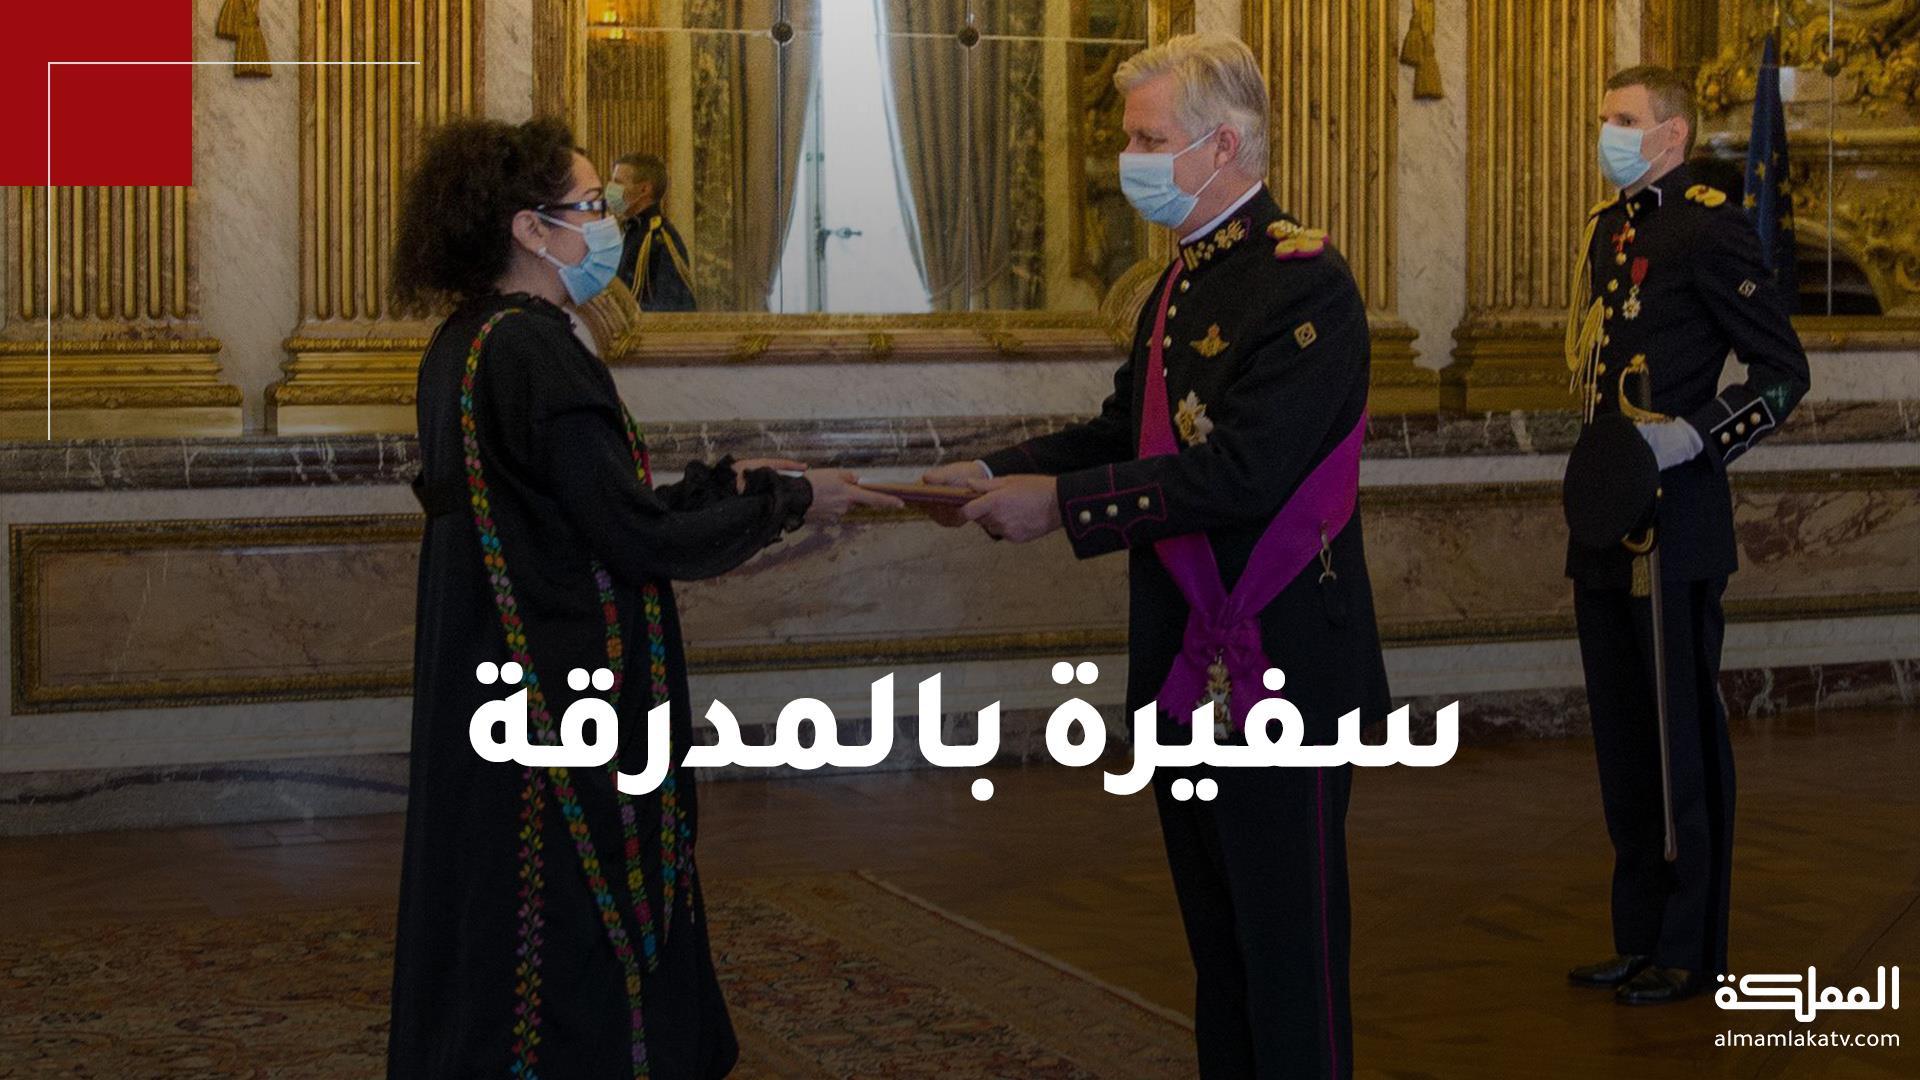 """السفيرة سجى المجالي تظهر مرتدية الثوب الكركي """"المدرقة"""" أثناء تقديم أوراق اعتمادها لملك بلجيكا"""